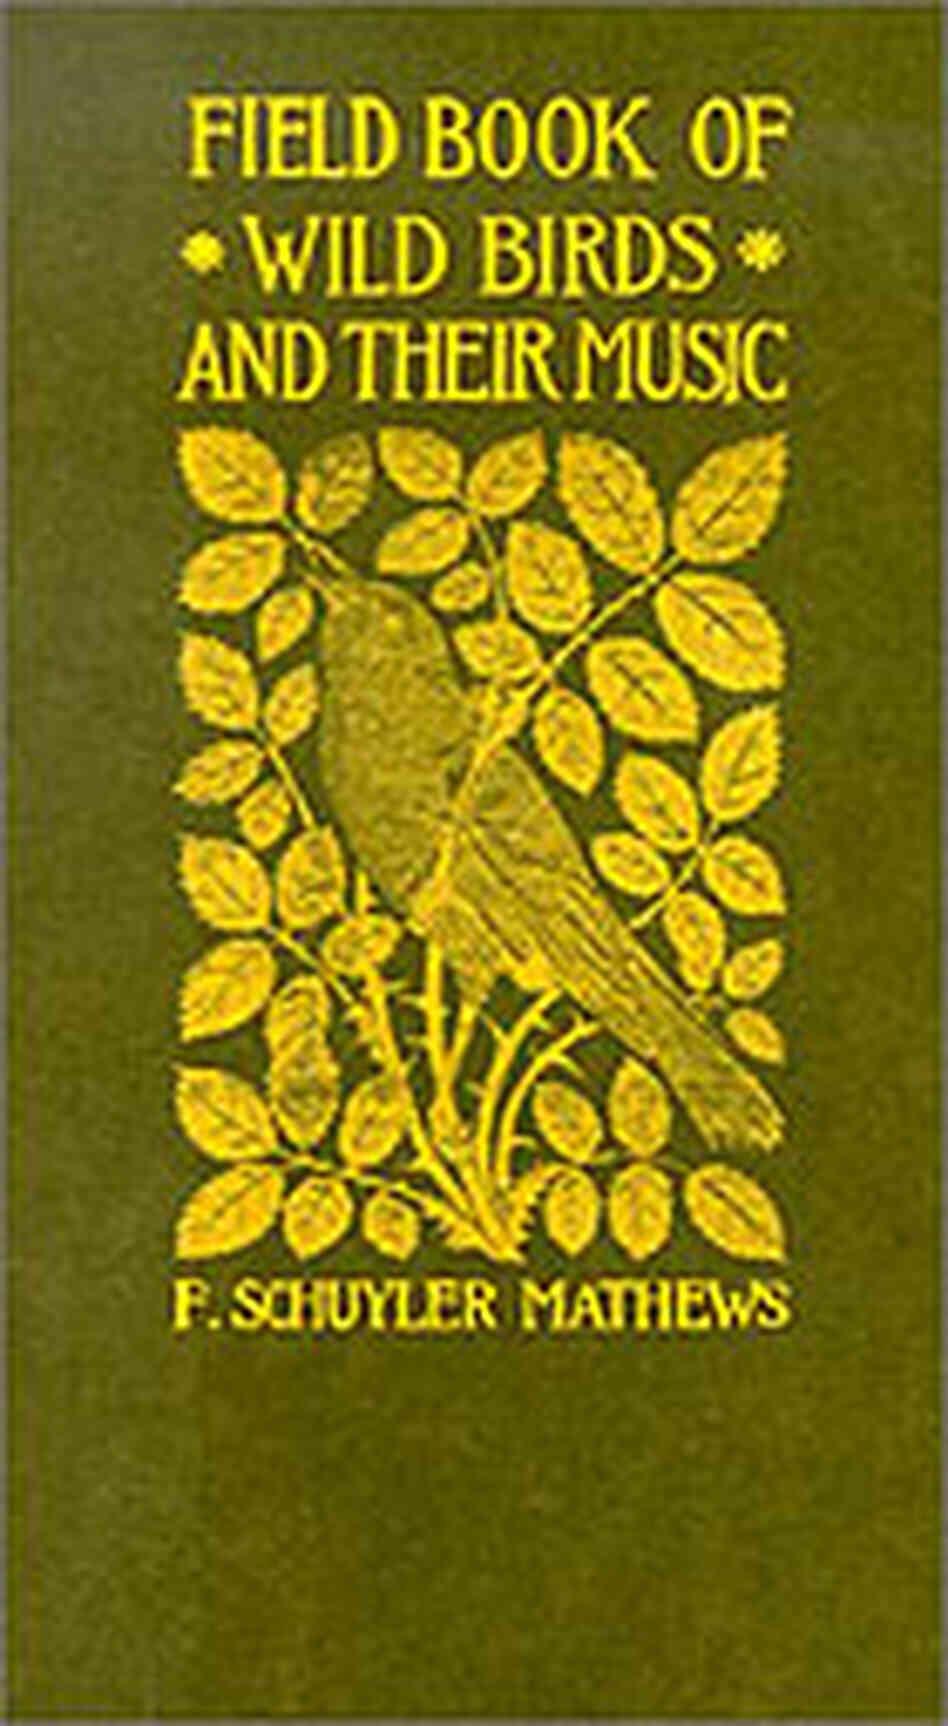 Fieldbook of Wild Birds and their Music F. Mathews and F. Schuyler Mathews